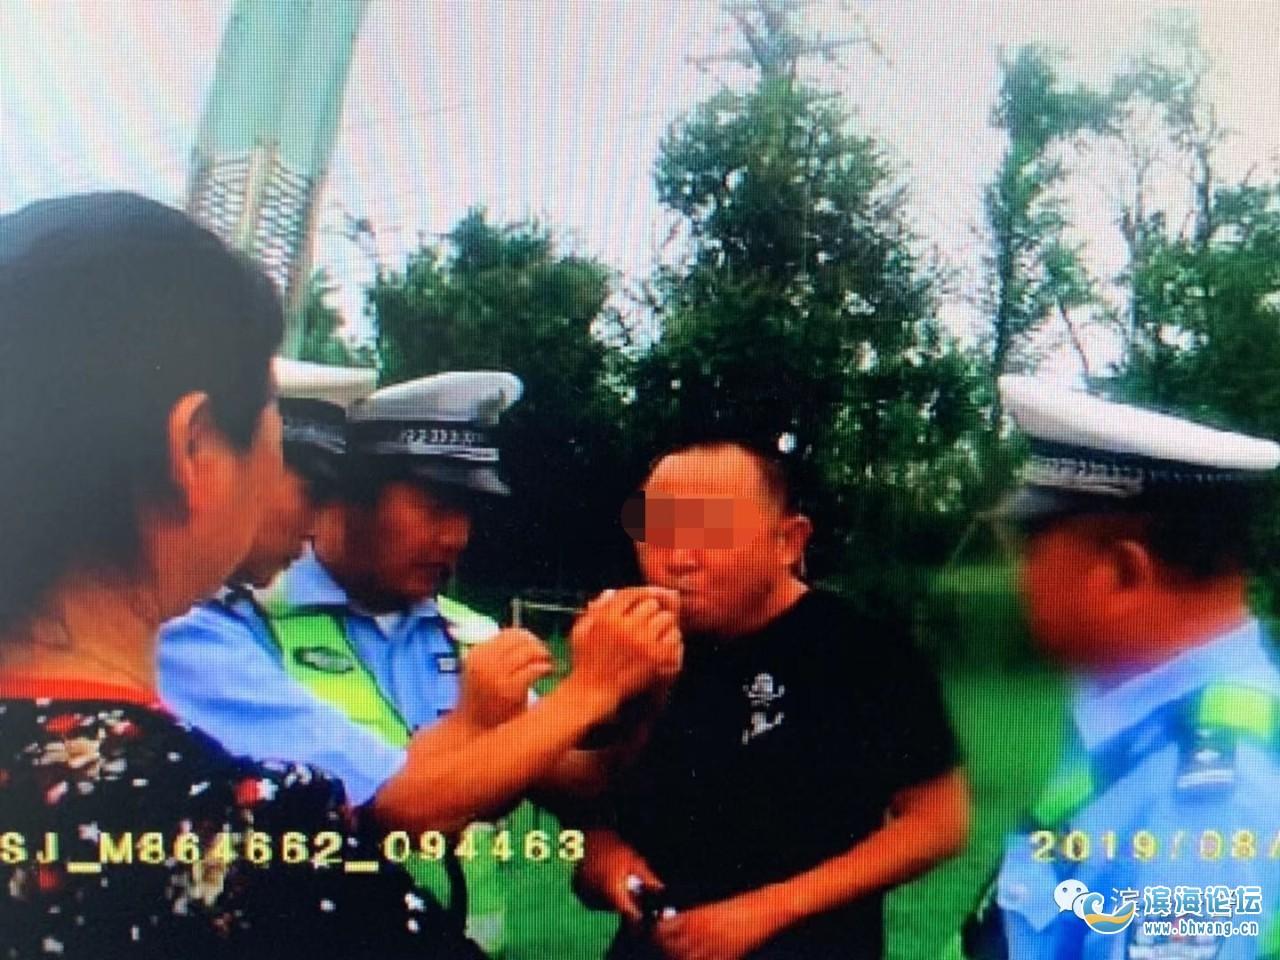 顶风作案,滨海果林男子酒后驾车,被查时每百毫升血液中酒精含量高达156mg  |酒驾专项行动